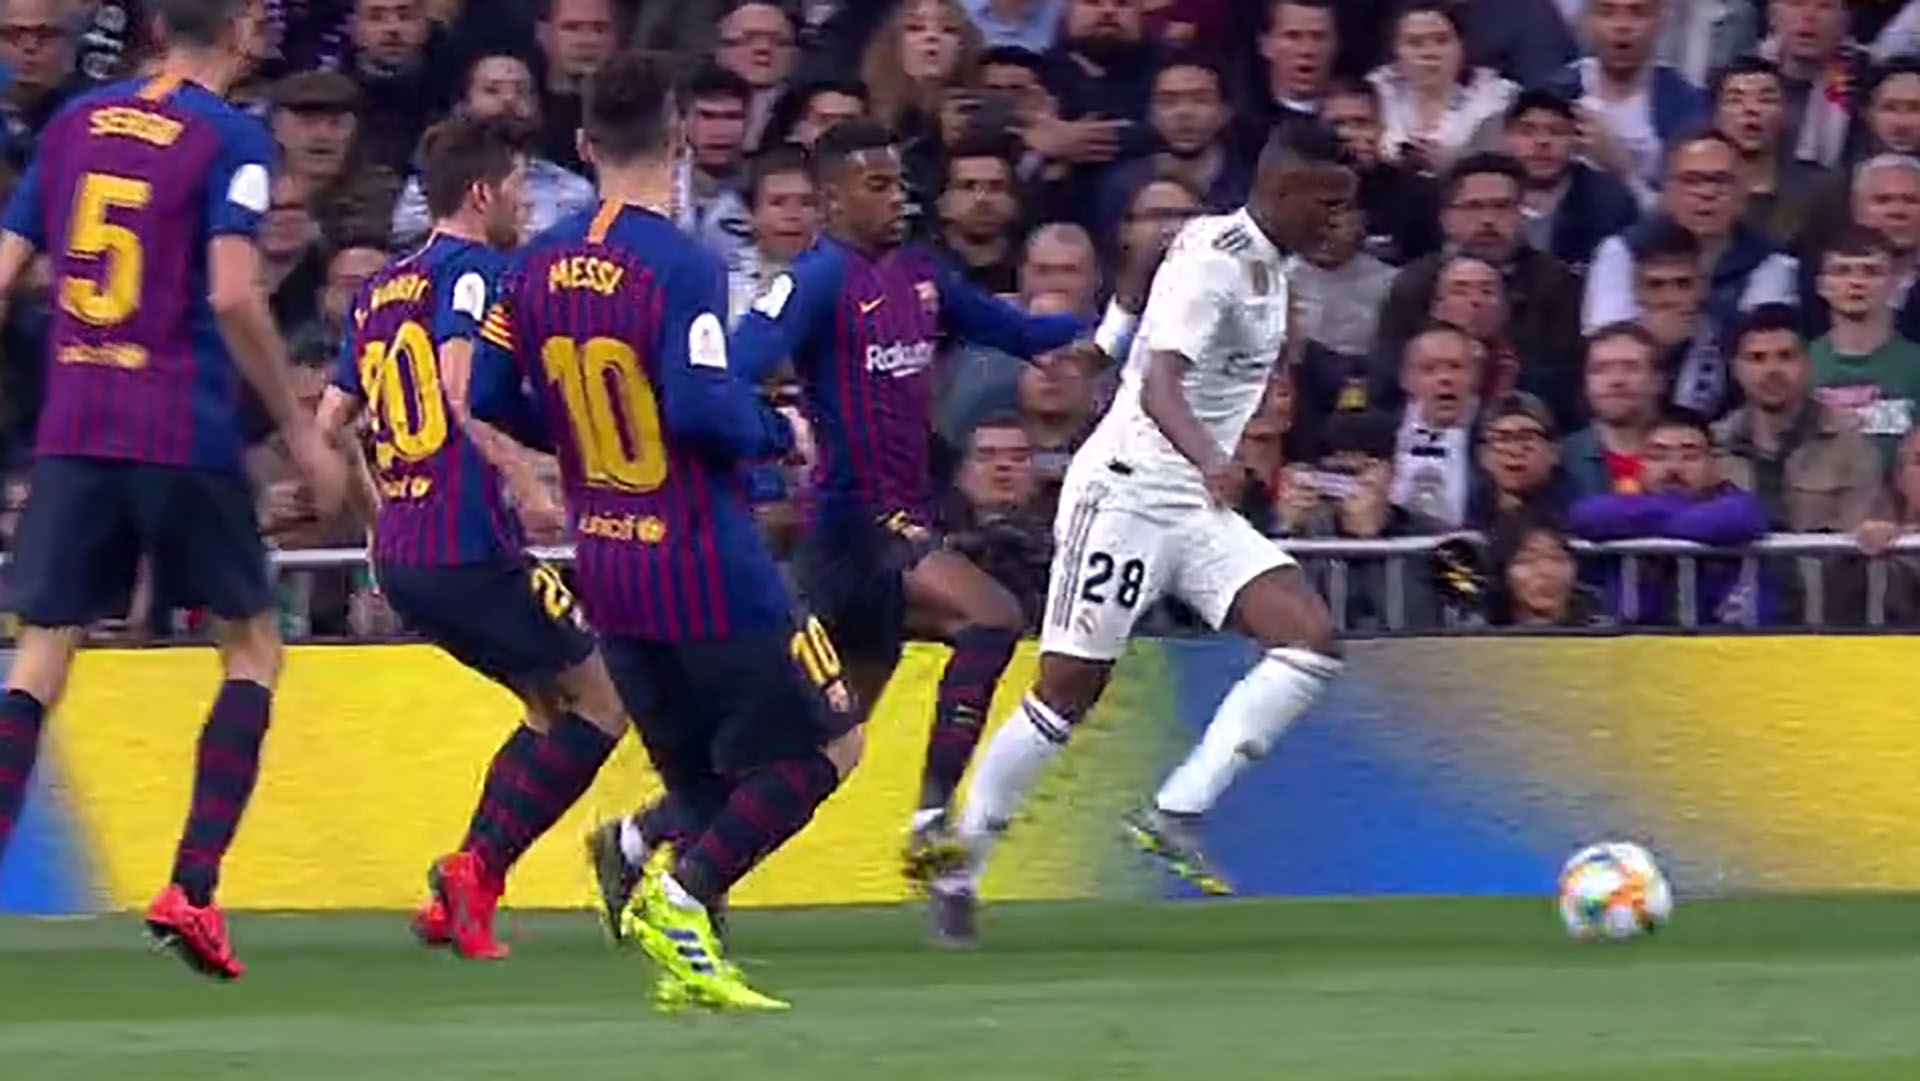 Otro ángulo que muestra claramente la falta del lateral del Barcelona sobre el delantero del Real Madrid